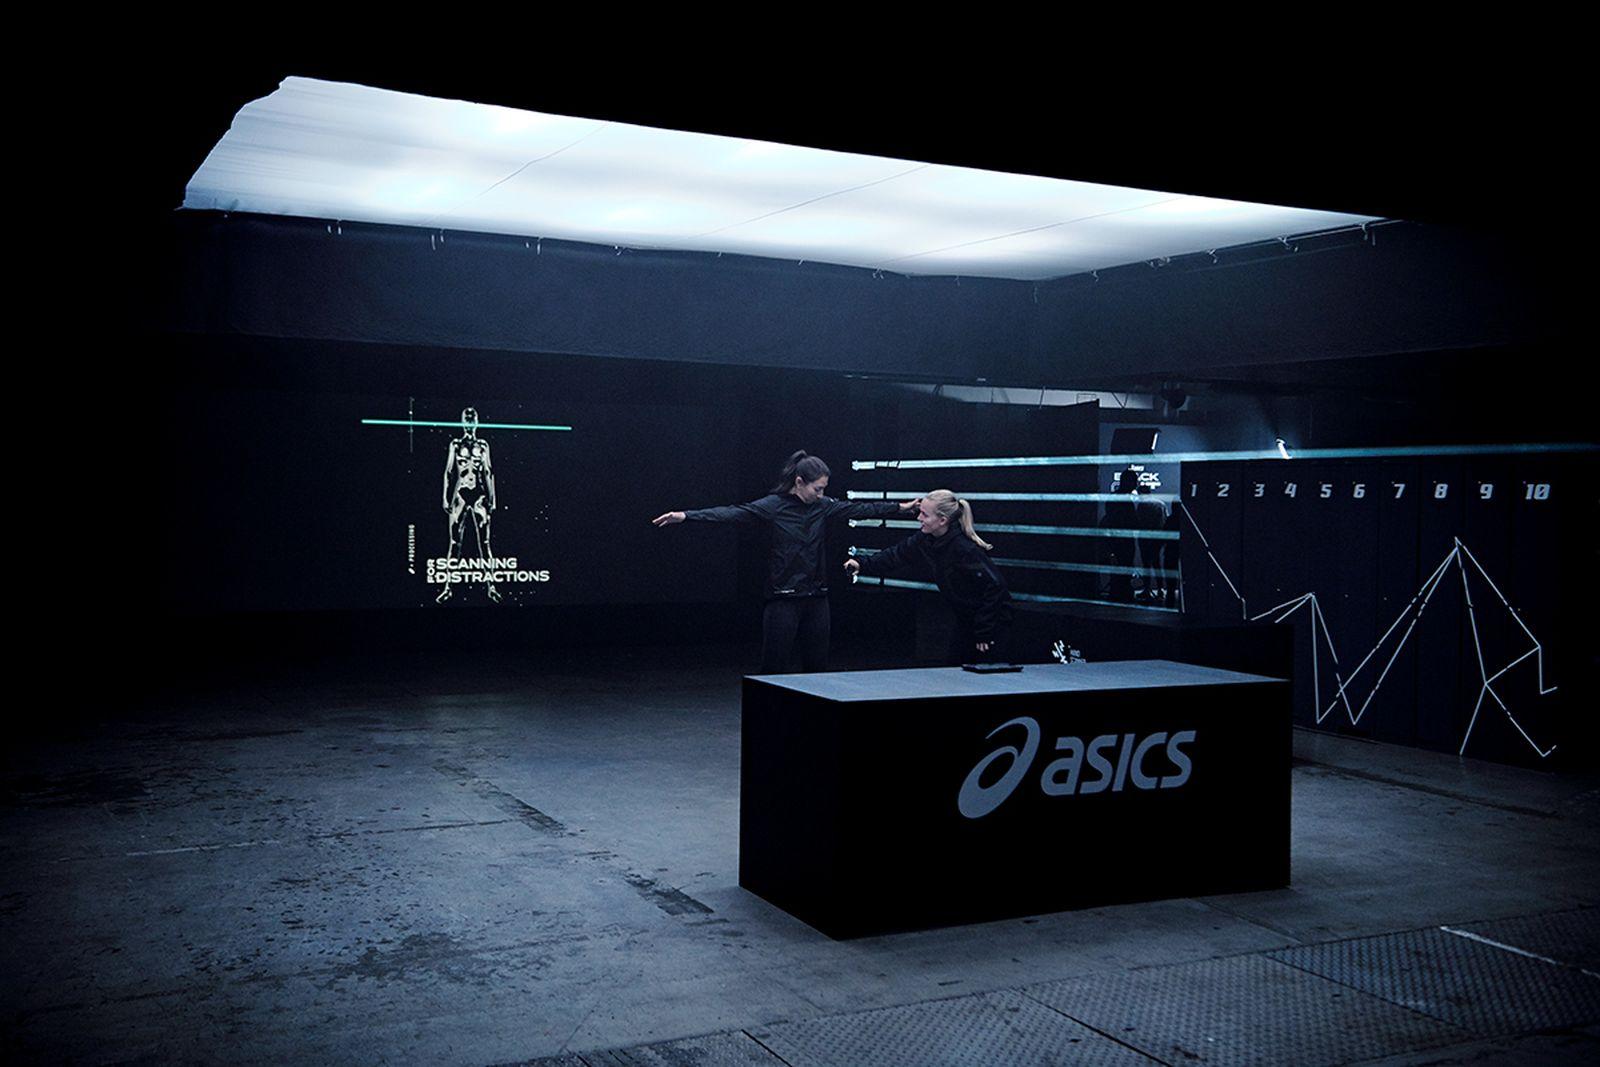 asics08 ASCIS indoor sports running